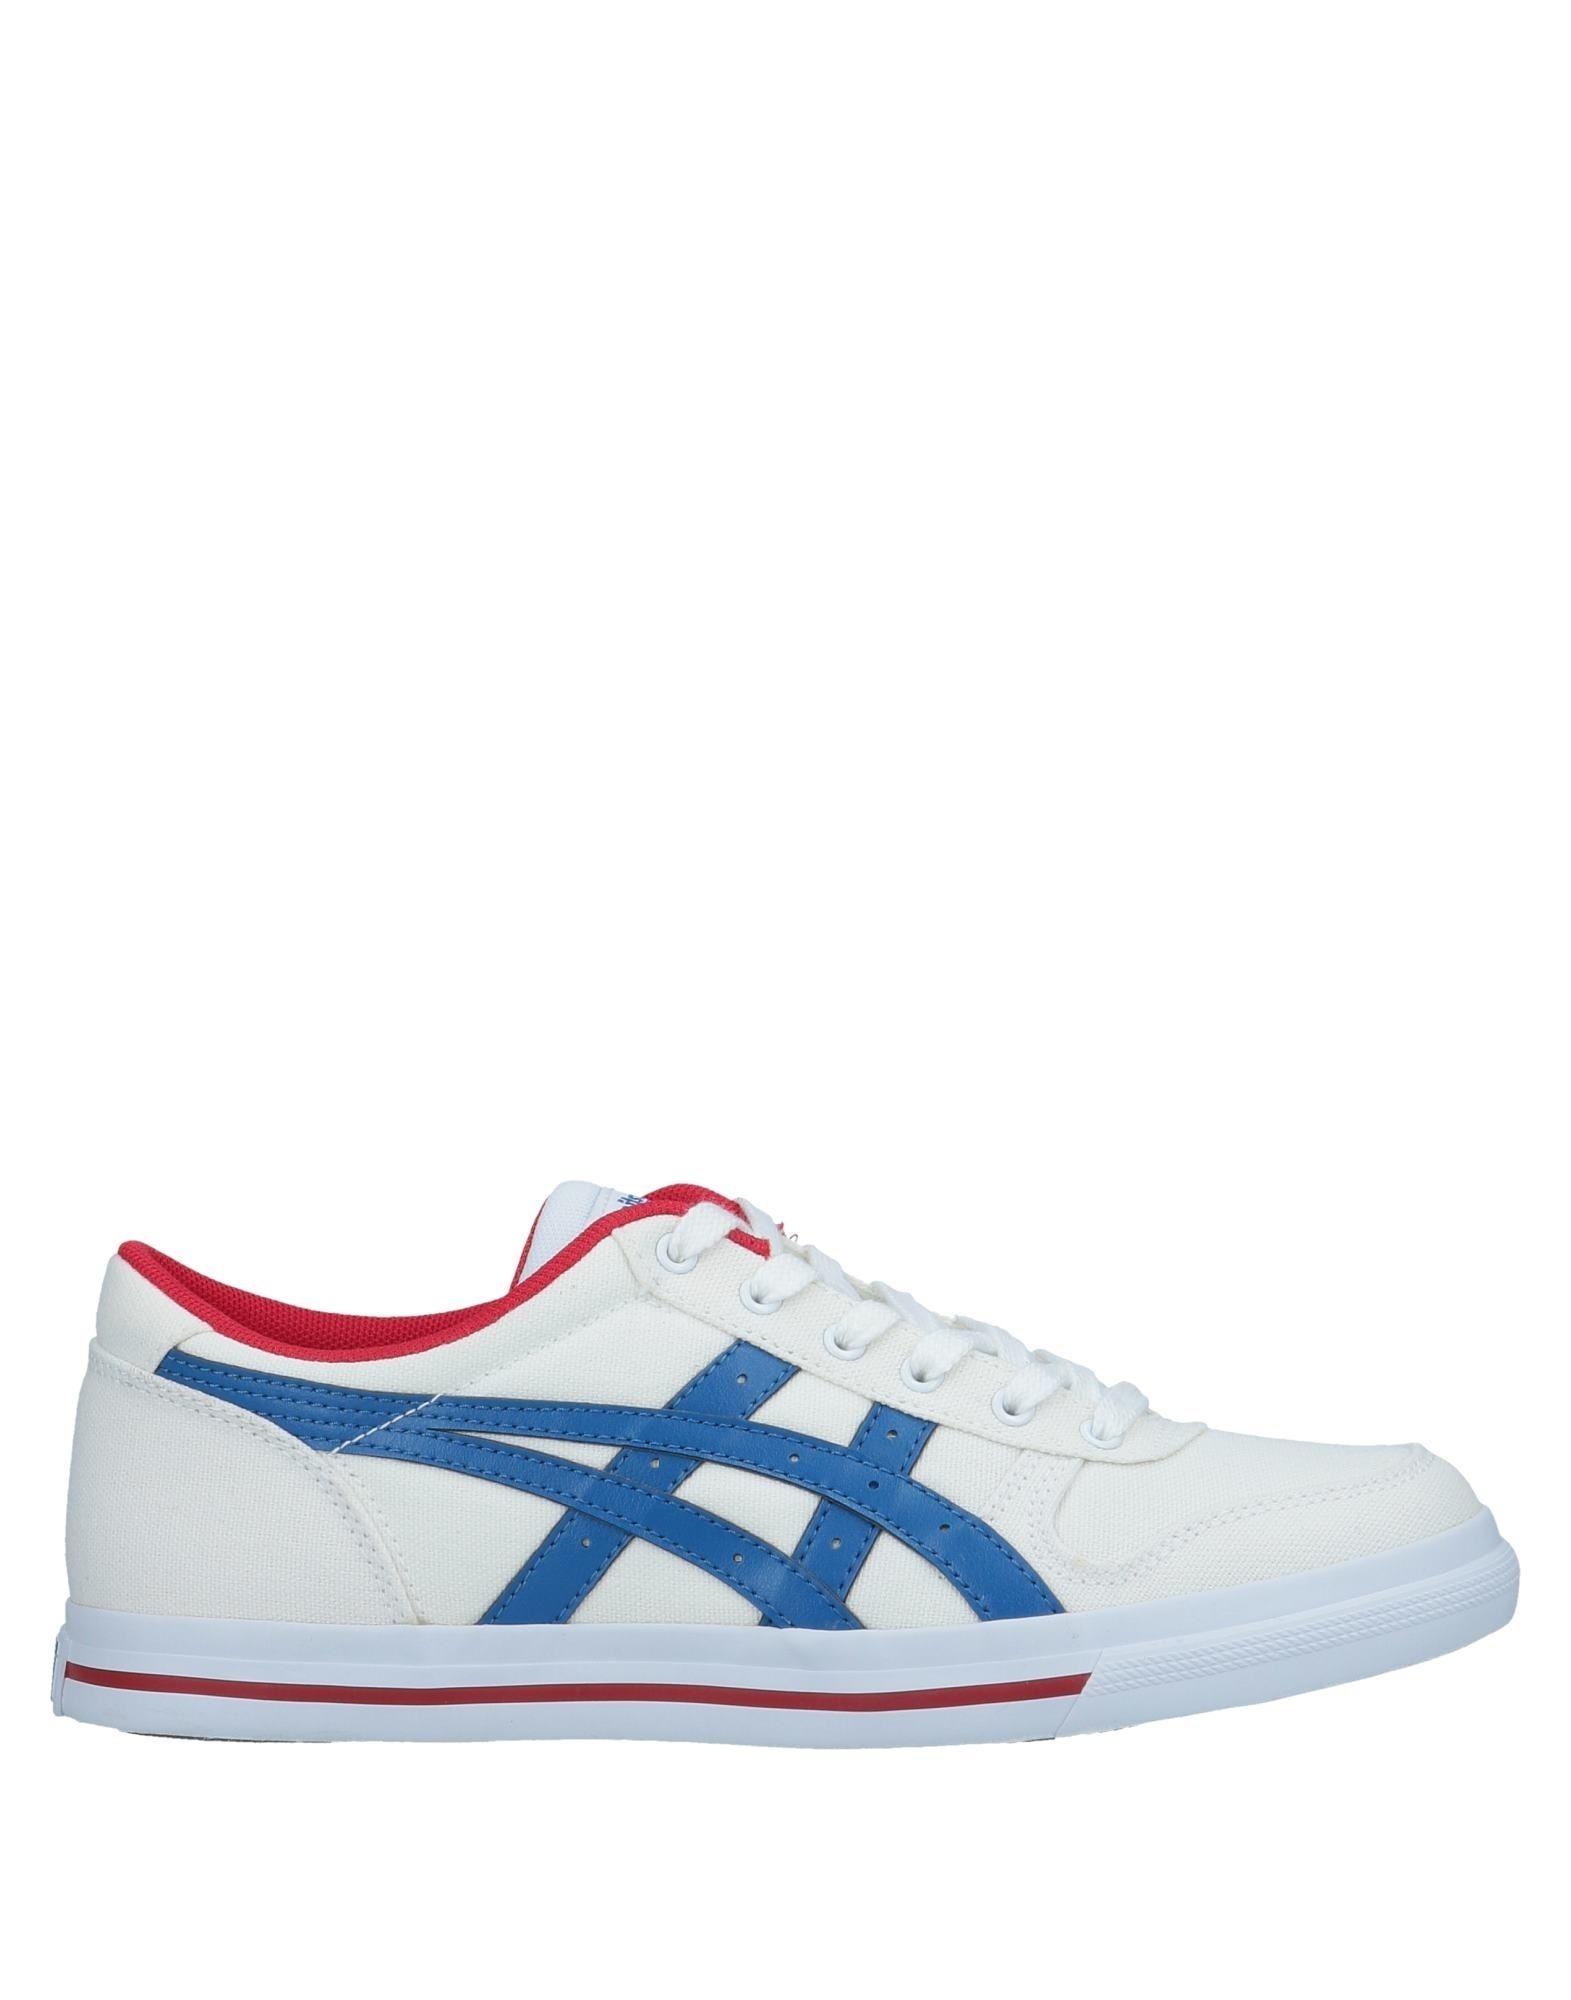 Rabatt echte Schuhe Onitsuka Tiger Sneakers Herren  11546271GT